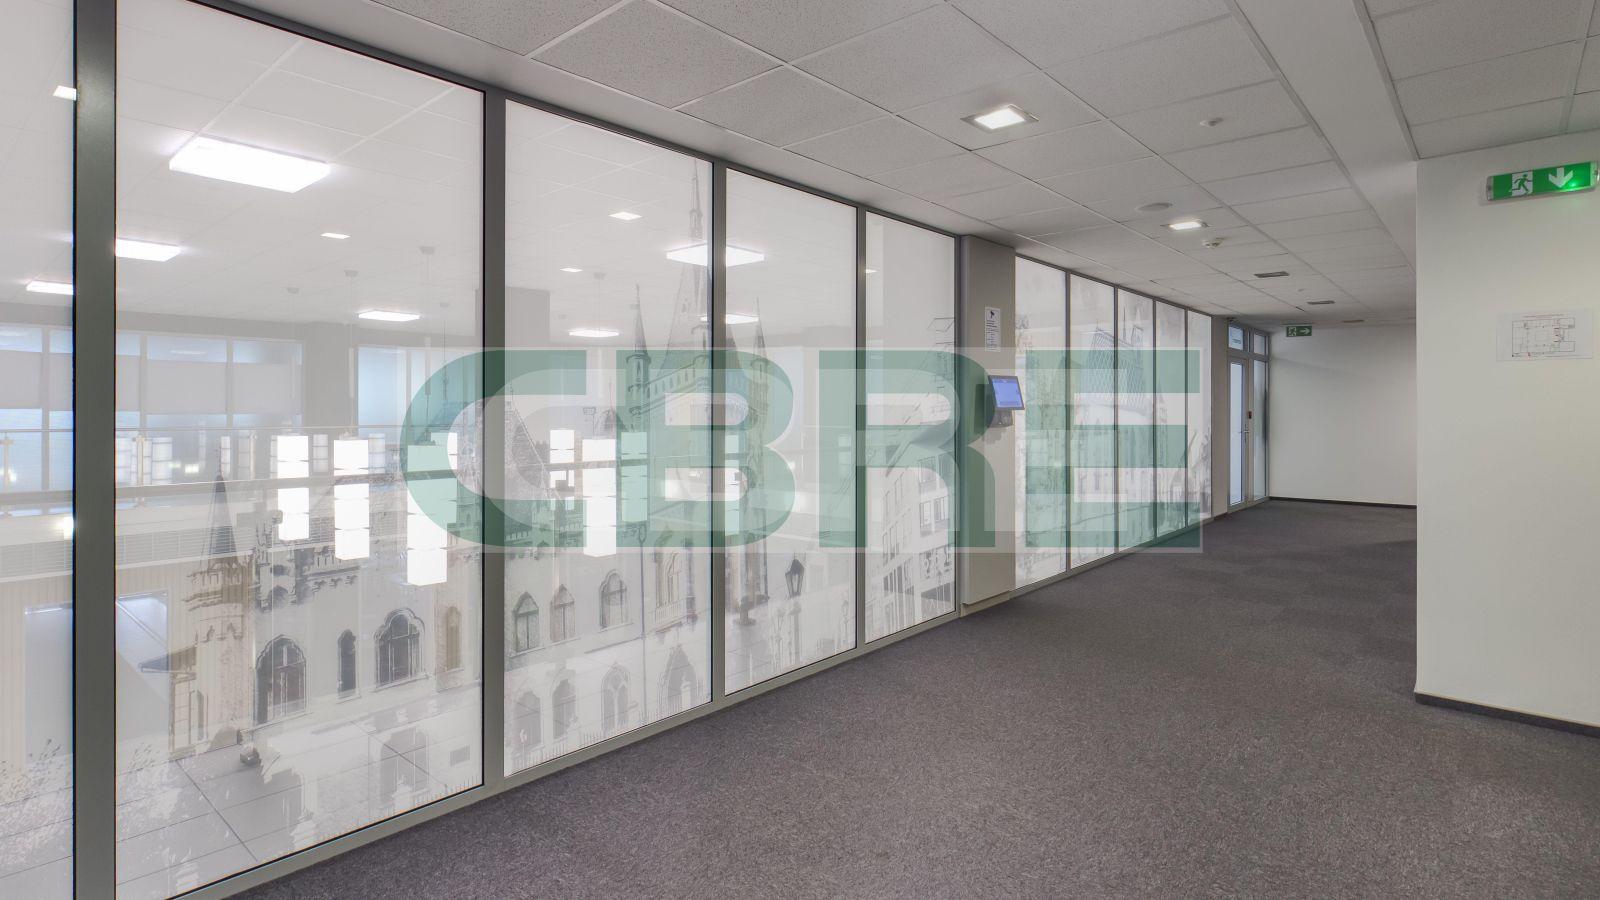 BCM BUSINESS CENTER MOLDAVSKÁ, Košice, Košice - Staré Mesto | Offices for rent by CBRE | 2